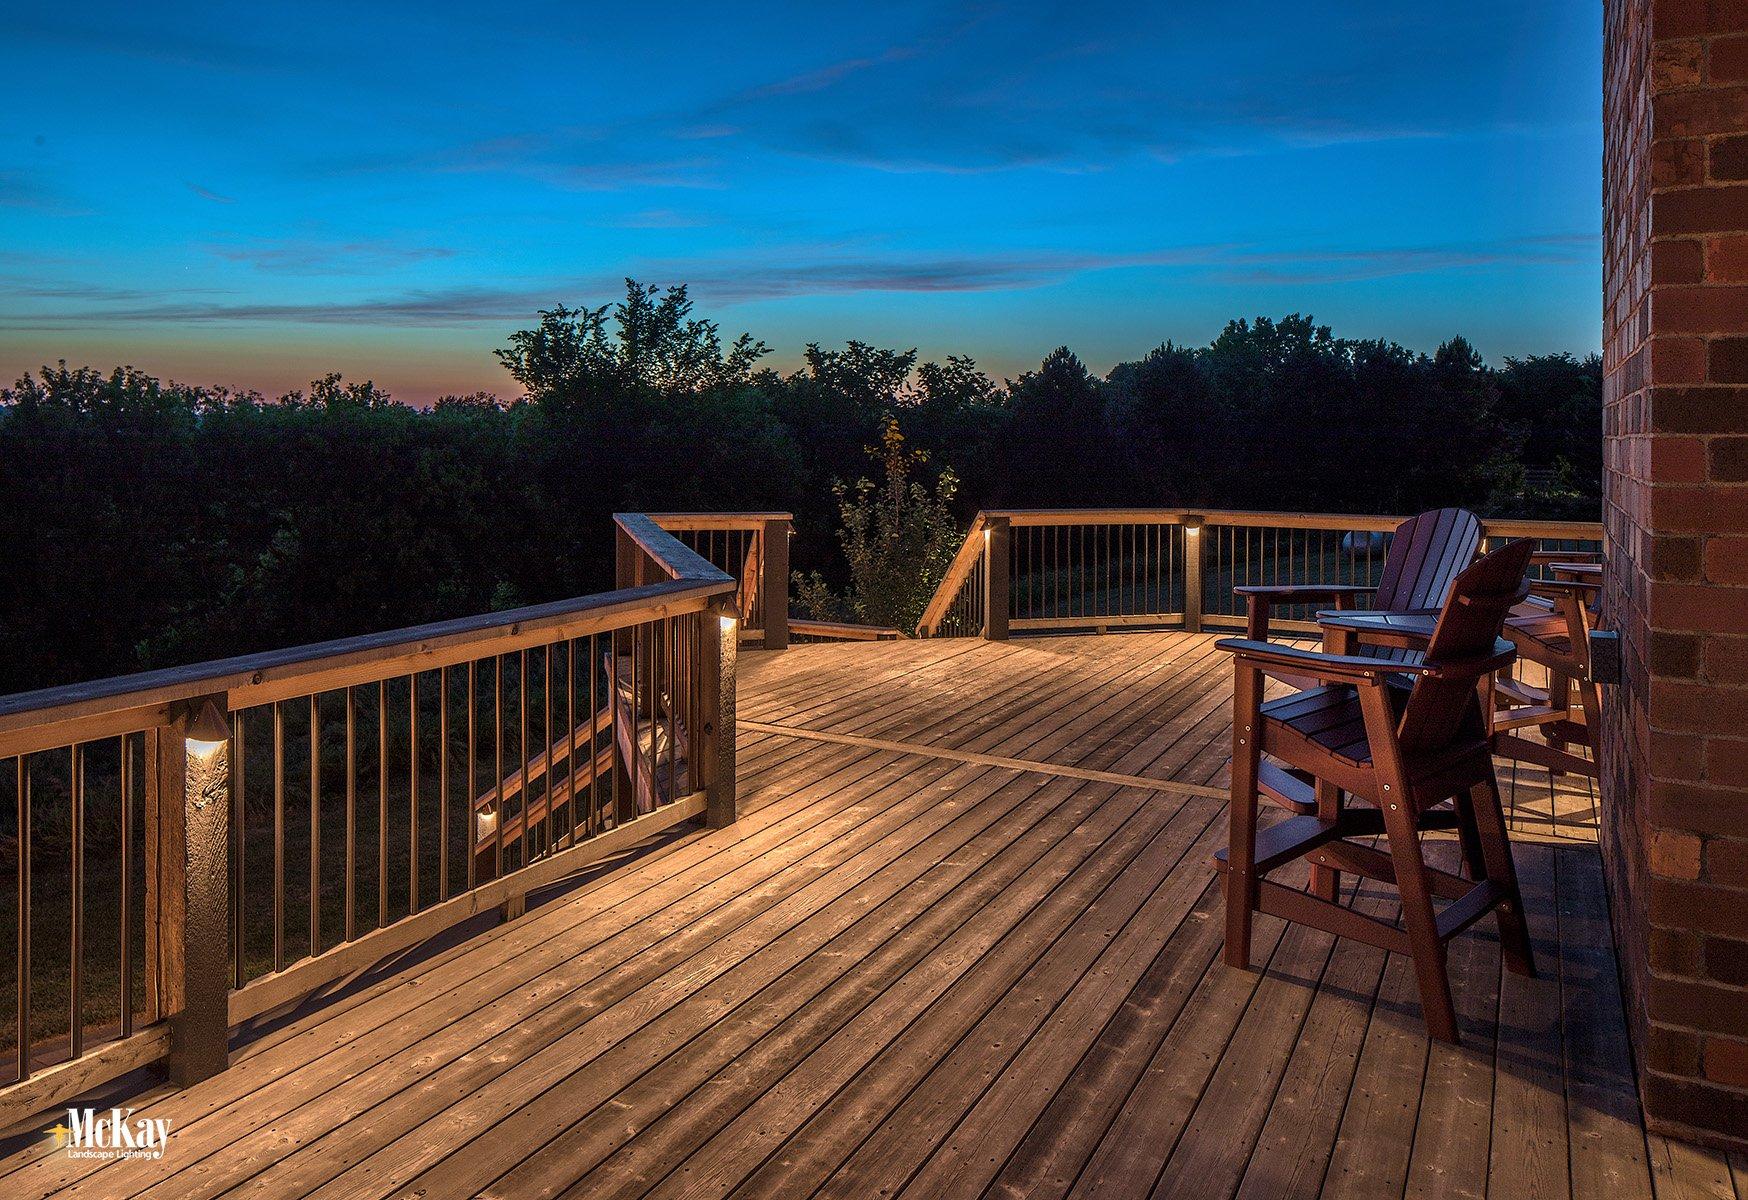 Outdoor Lighting Design Techniques: Deck Post Lighting Omaha Nebraska McKay Landscape Lighting